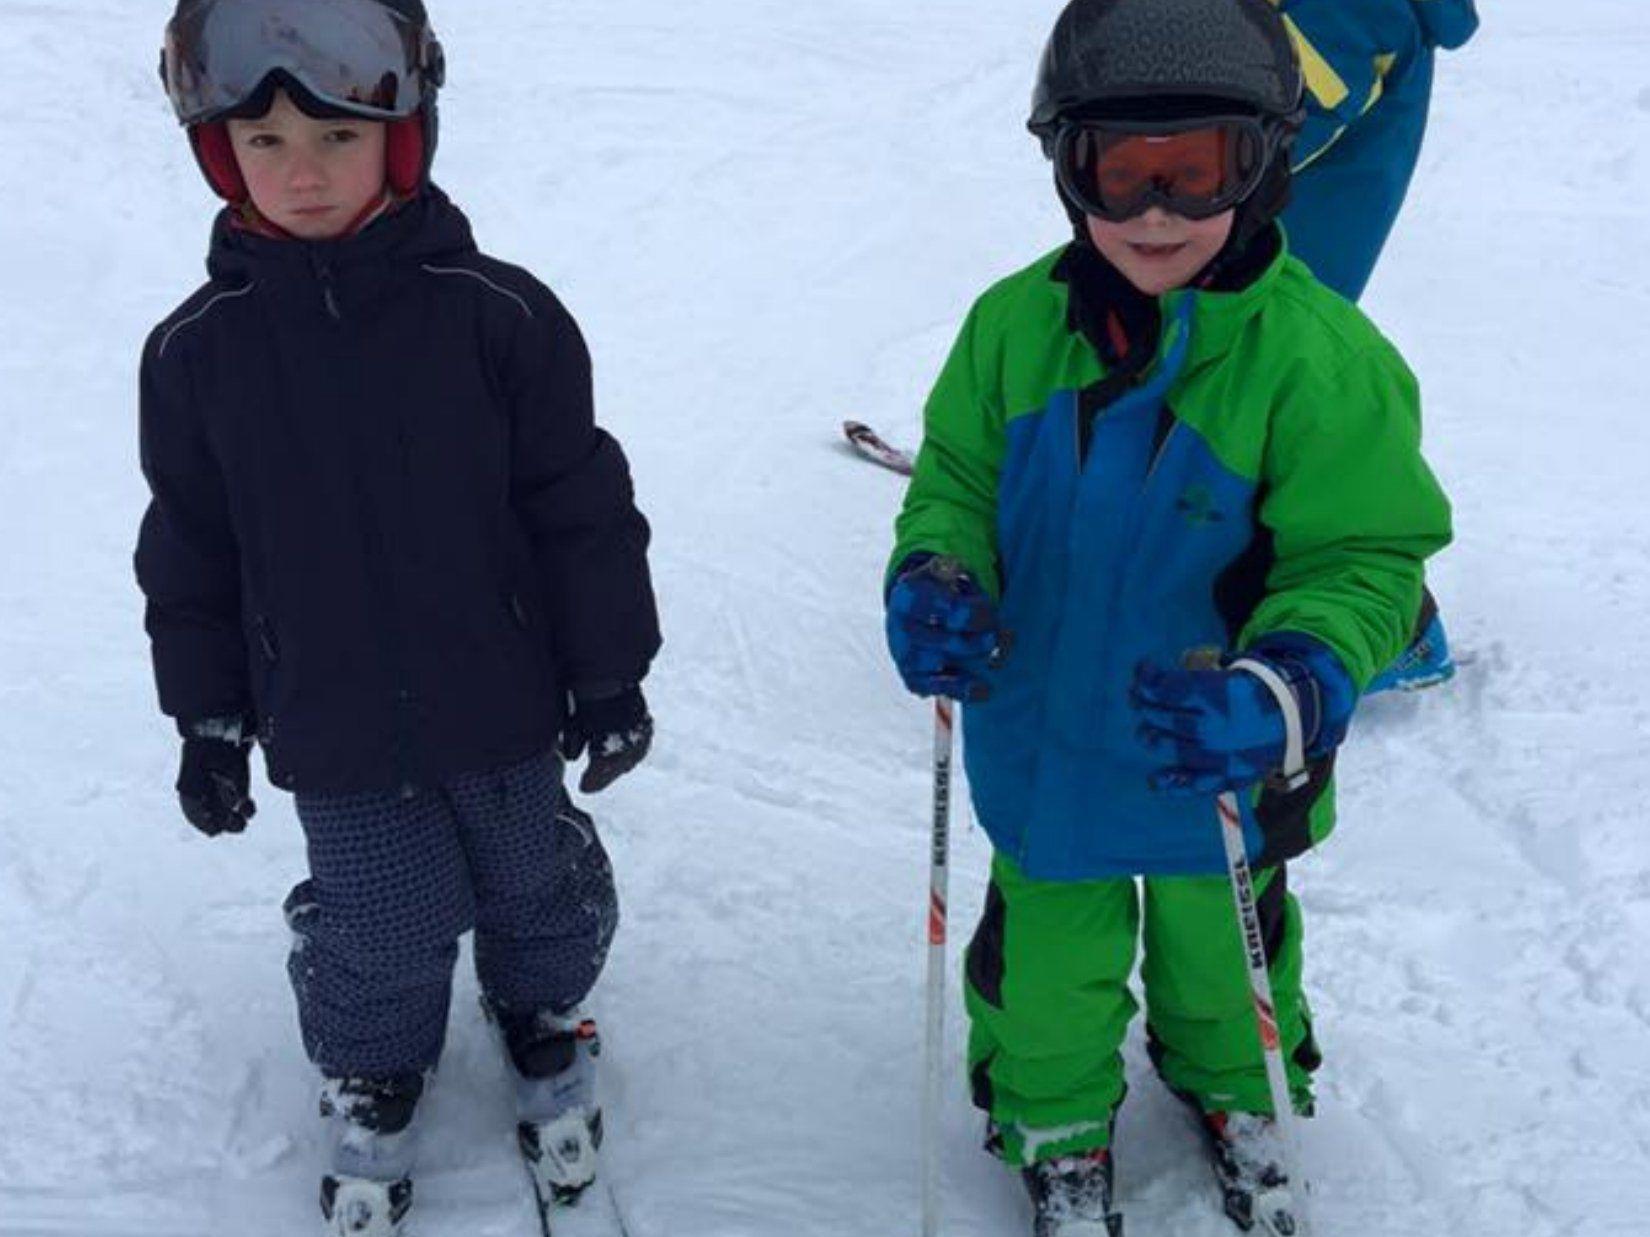 Die jungen Skifans freuen sich auf die Skitage am Bödele